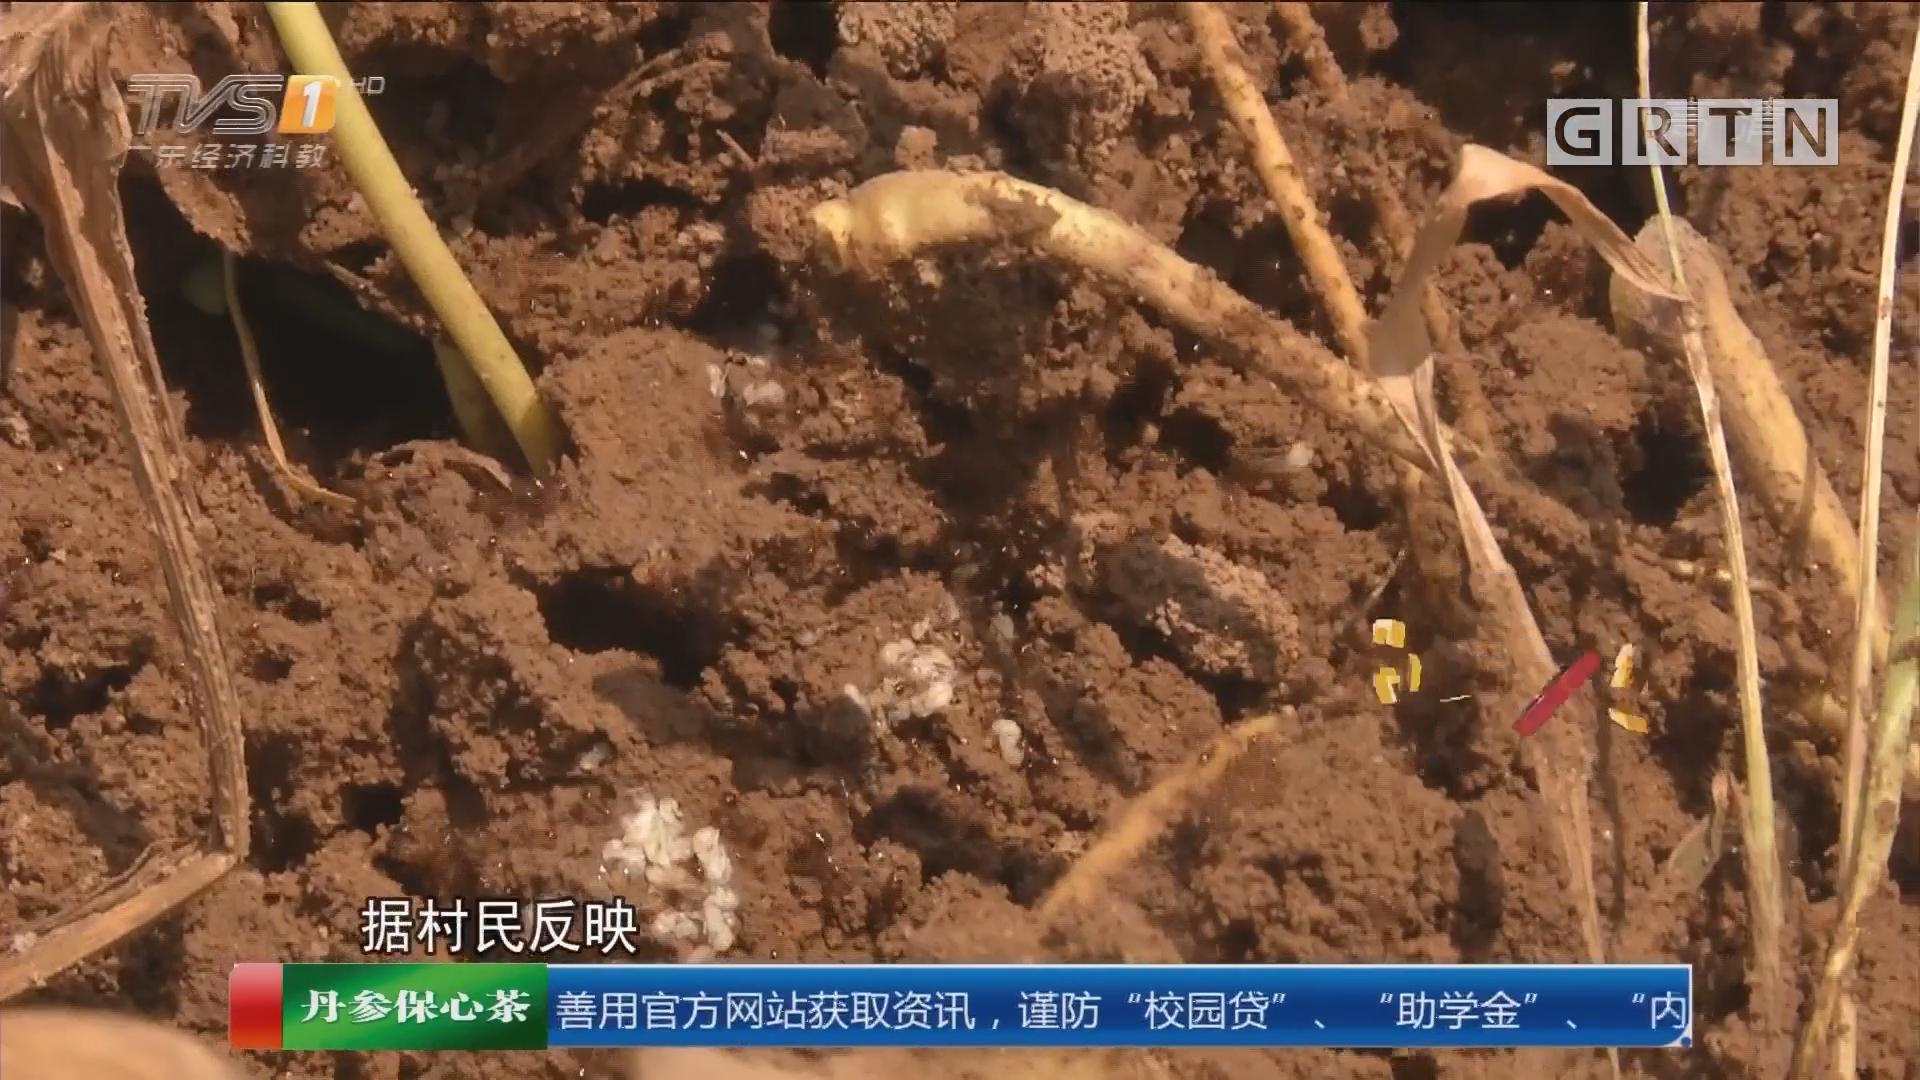 清远英德:红火蚁出没 农忙时节扰民伤人